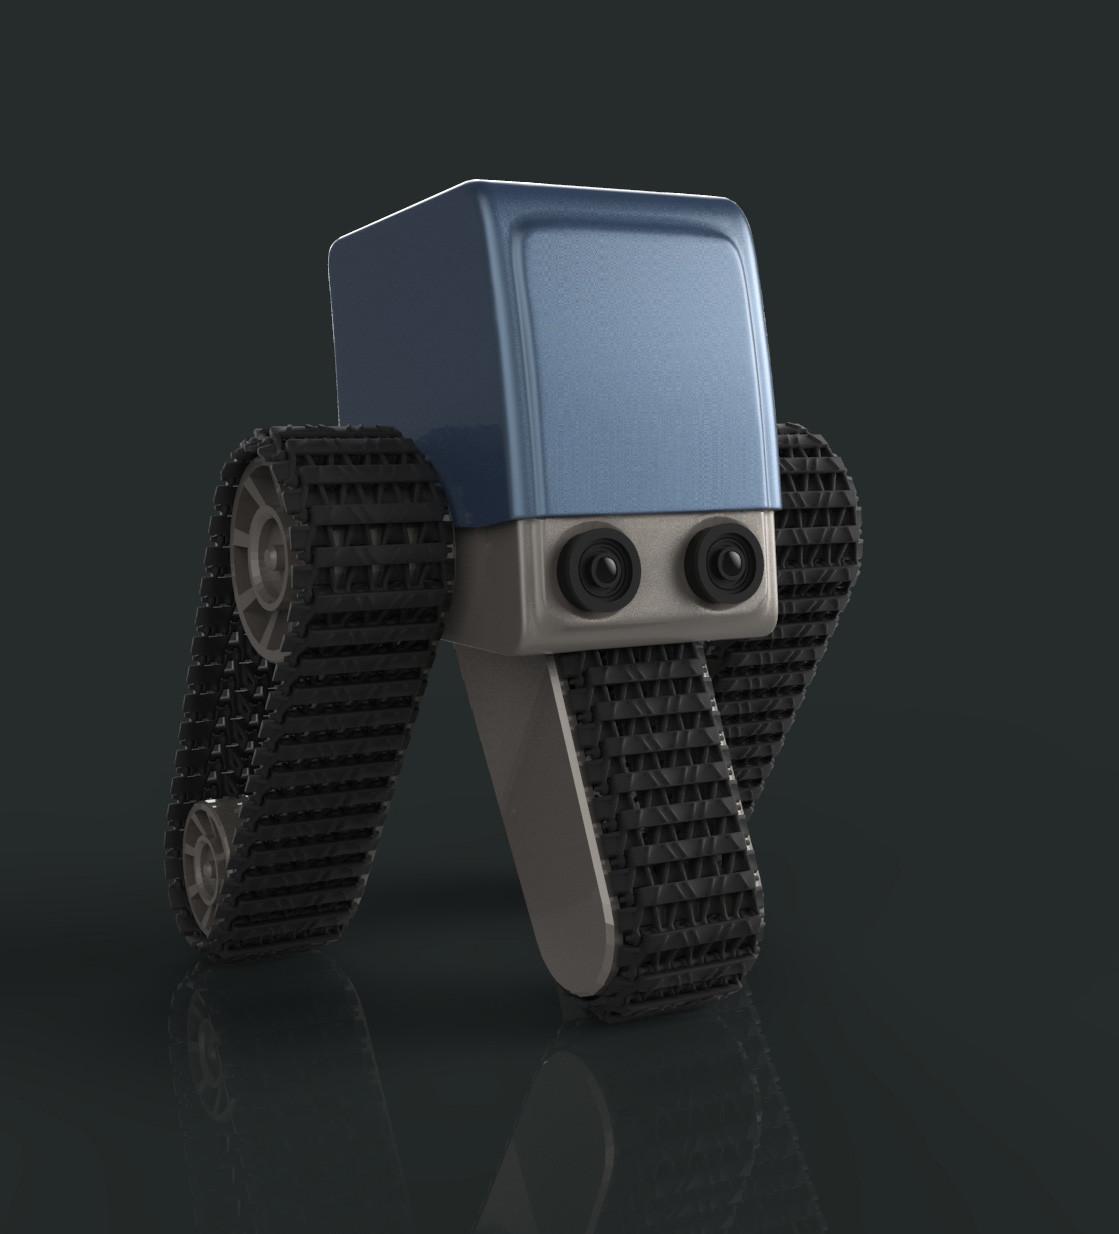 Dirk wachsmuth 03 babybot refined render pose2